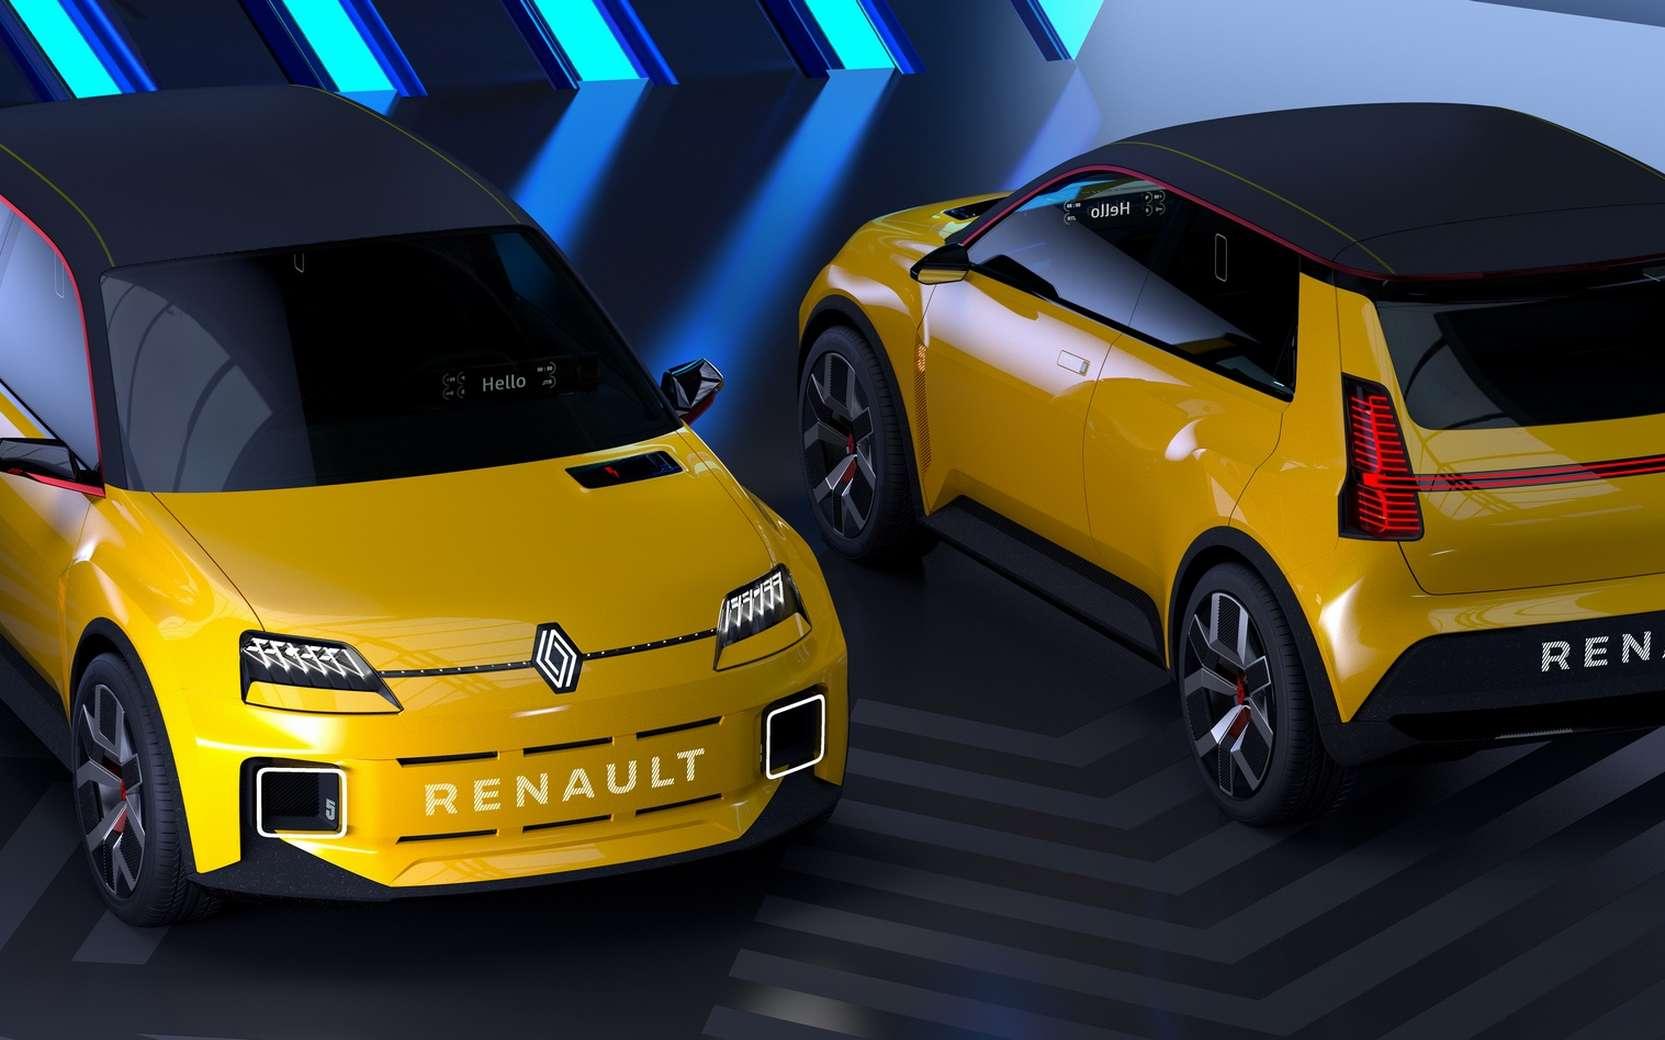 La Renault 5 Prototype reprend des codes très identifiables de la R5 des années 1970. © Renault